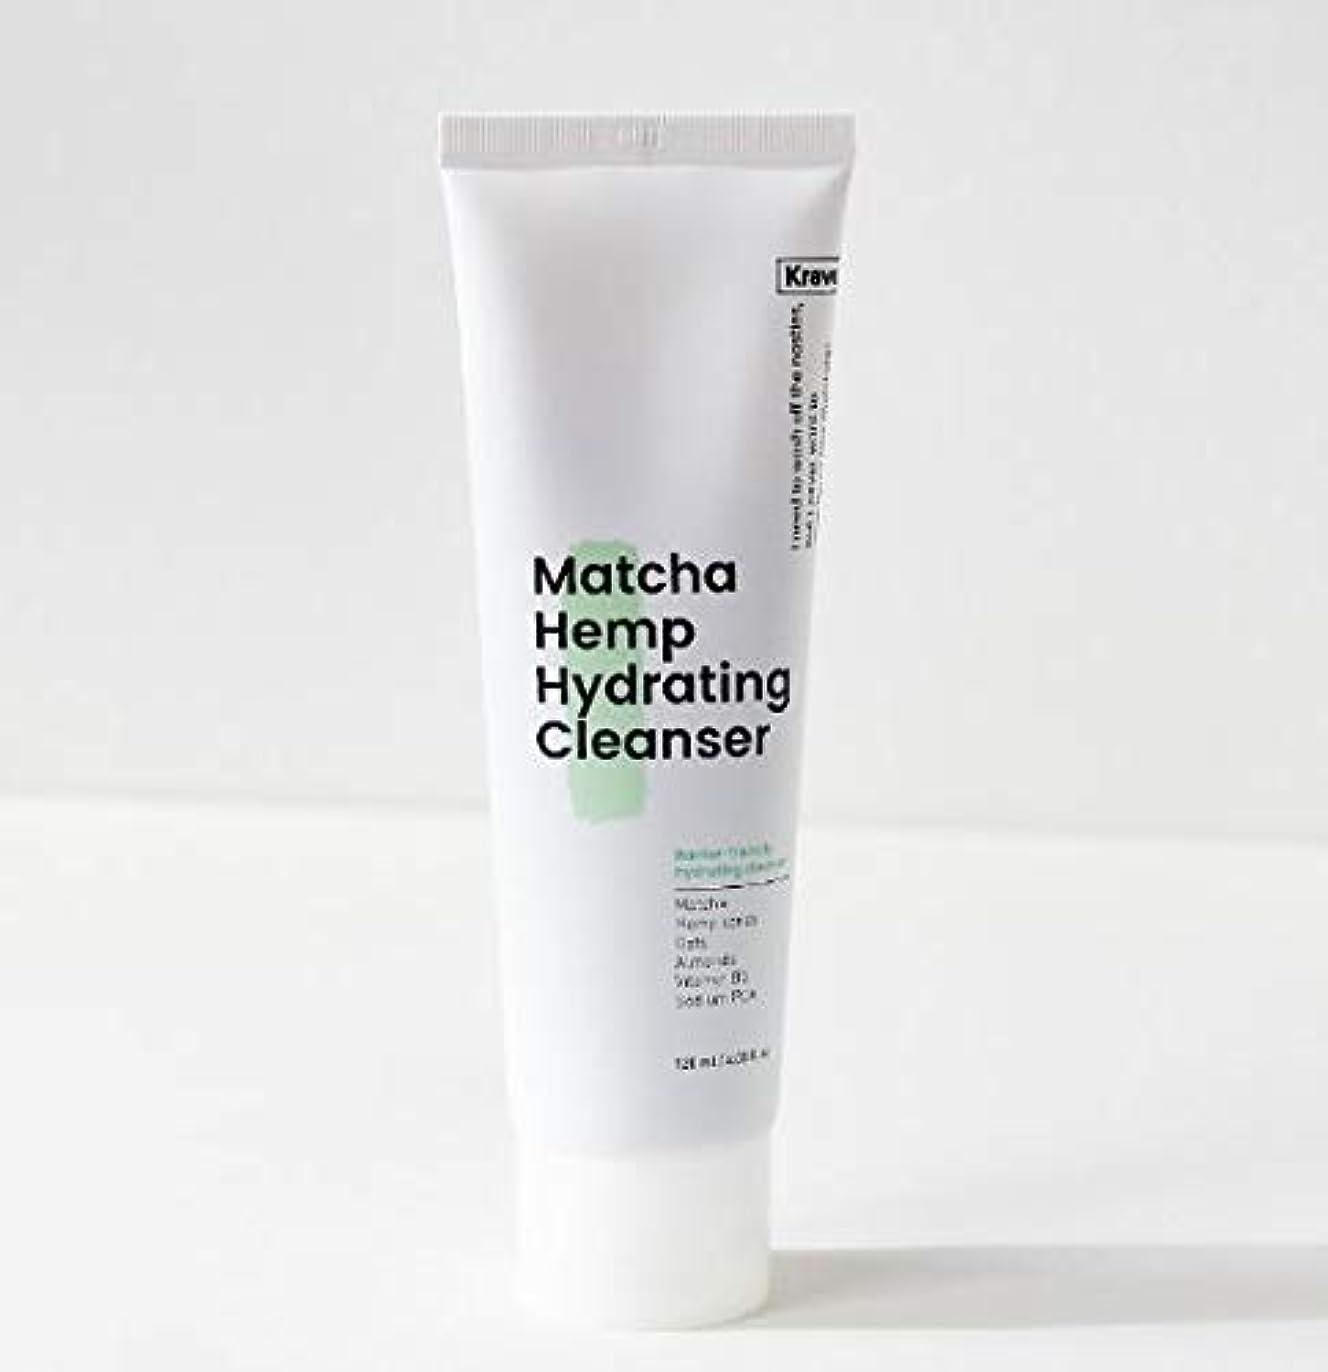 感謝代数サリー[Krave] Matcha Hemp Hydrating Cleanser 120ml / 抹茶ハイドレイティングクレンザー120ml [並行輸入品]